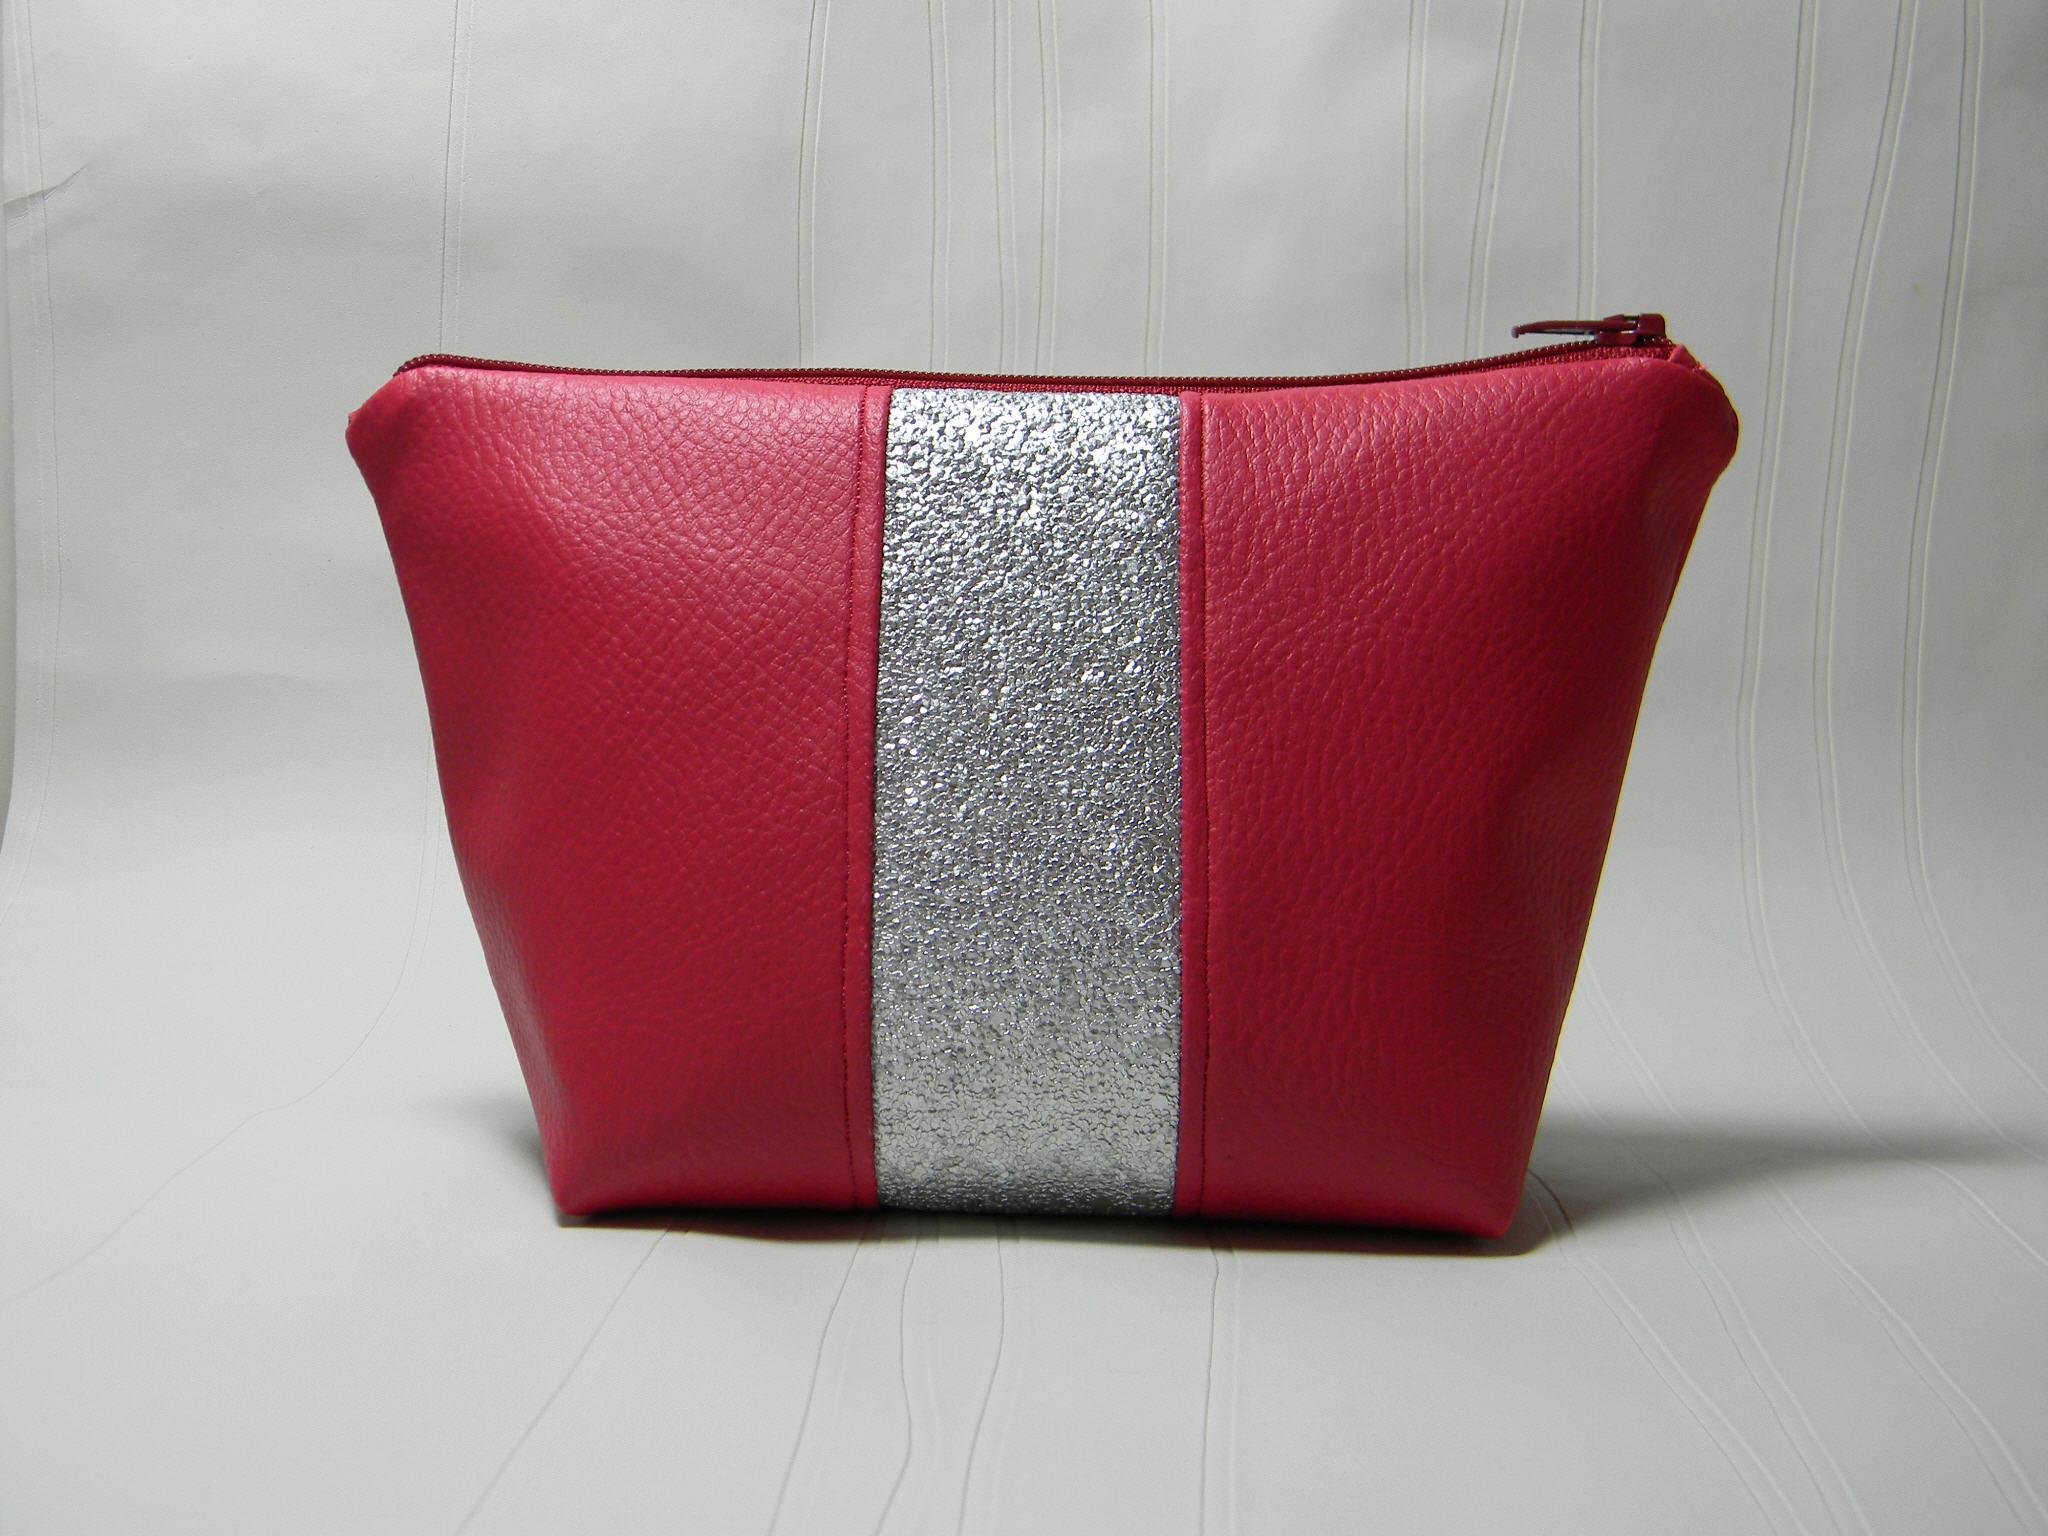 Trousse trap ze bande paillet e en simili cuir pop couture for Trousse couture cuir